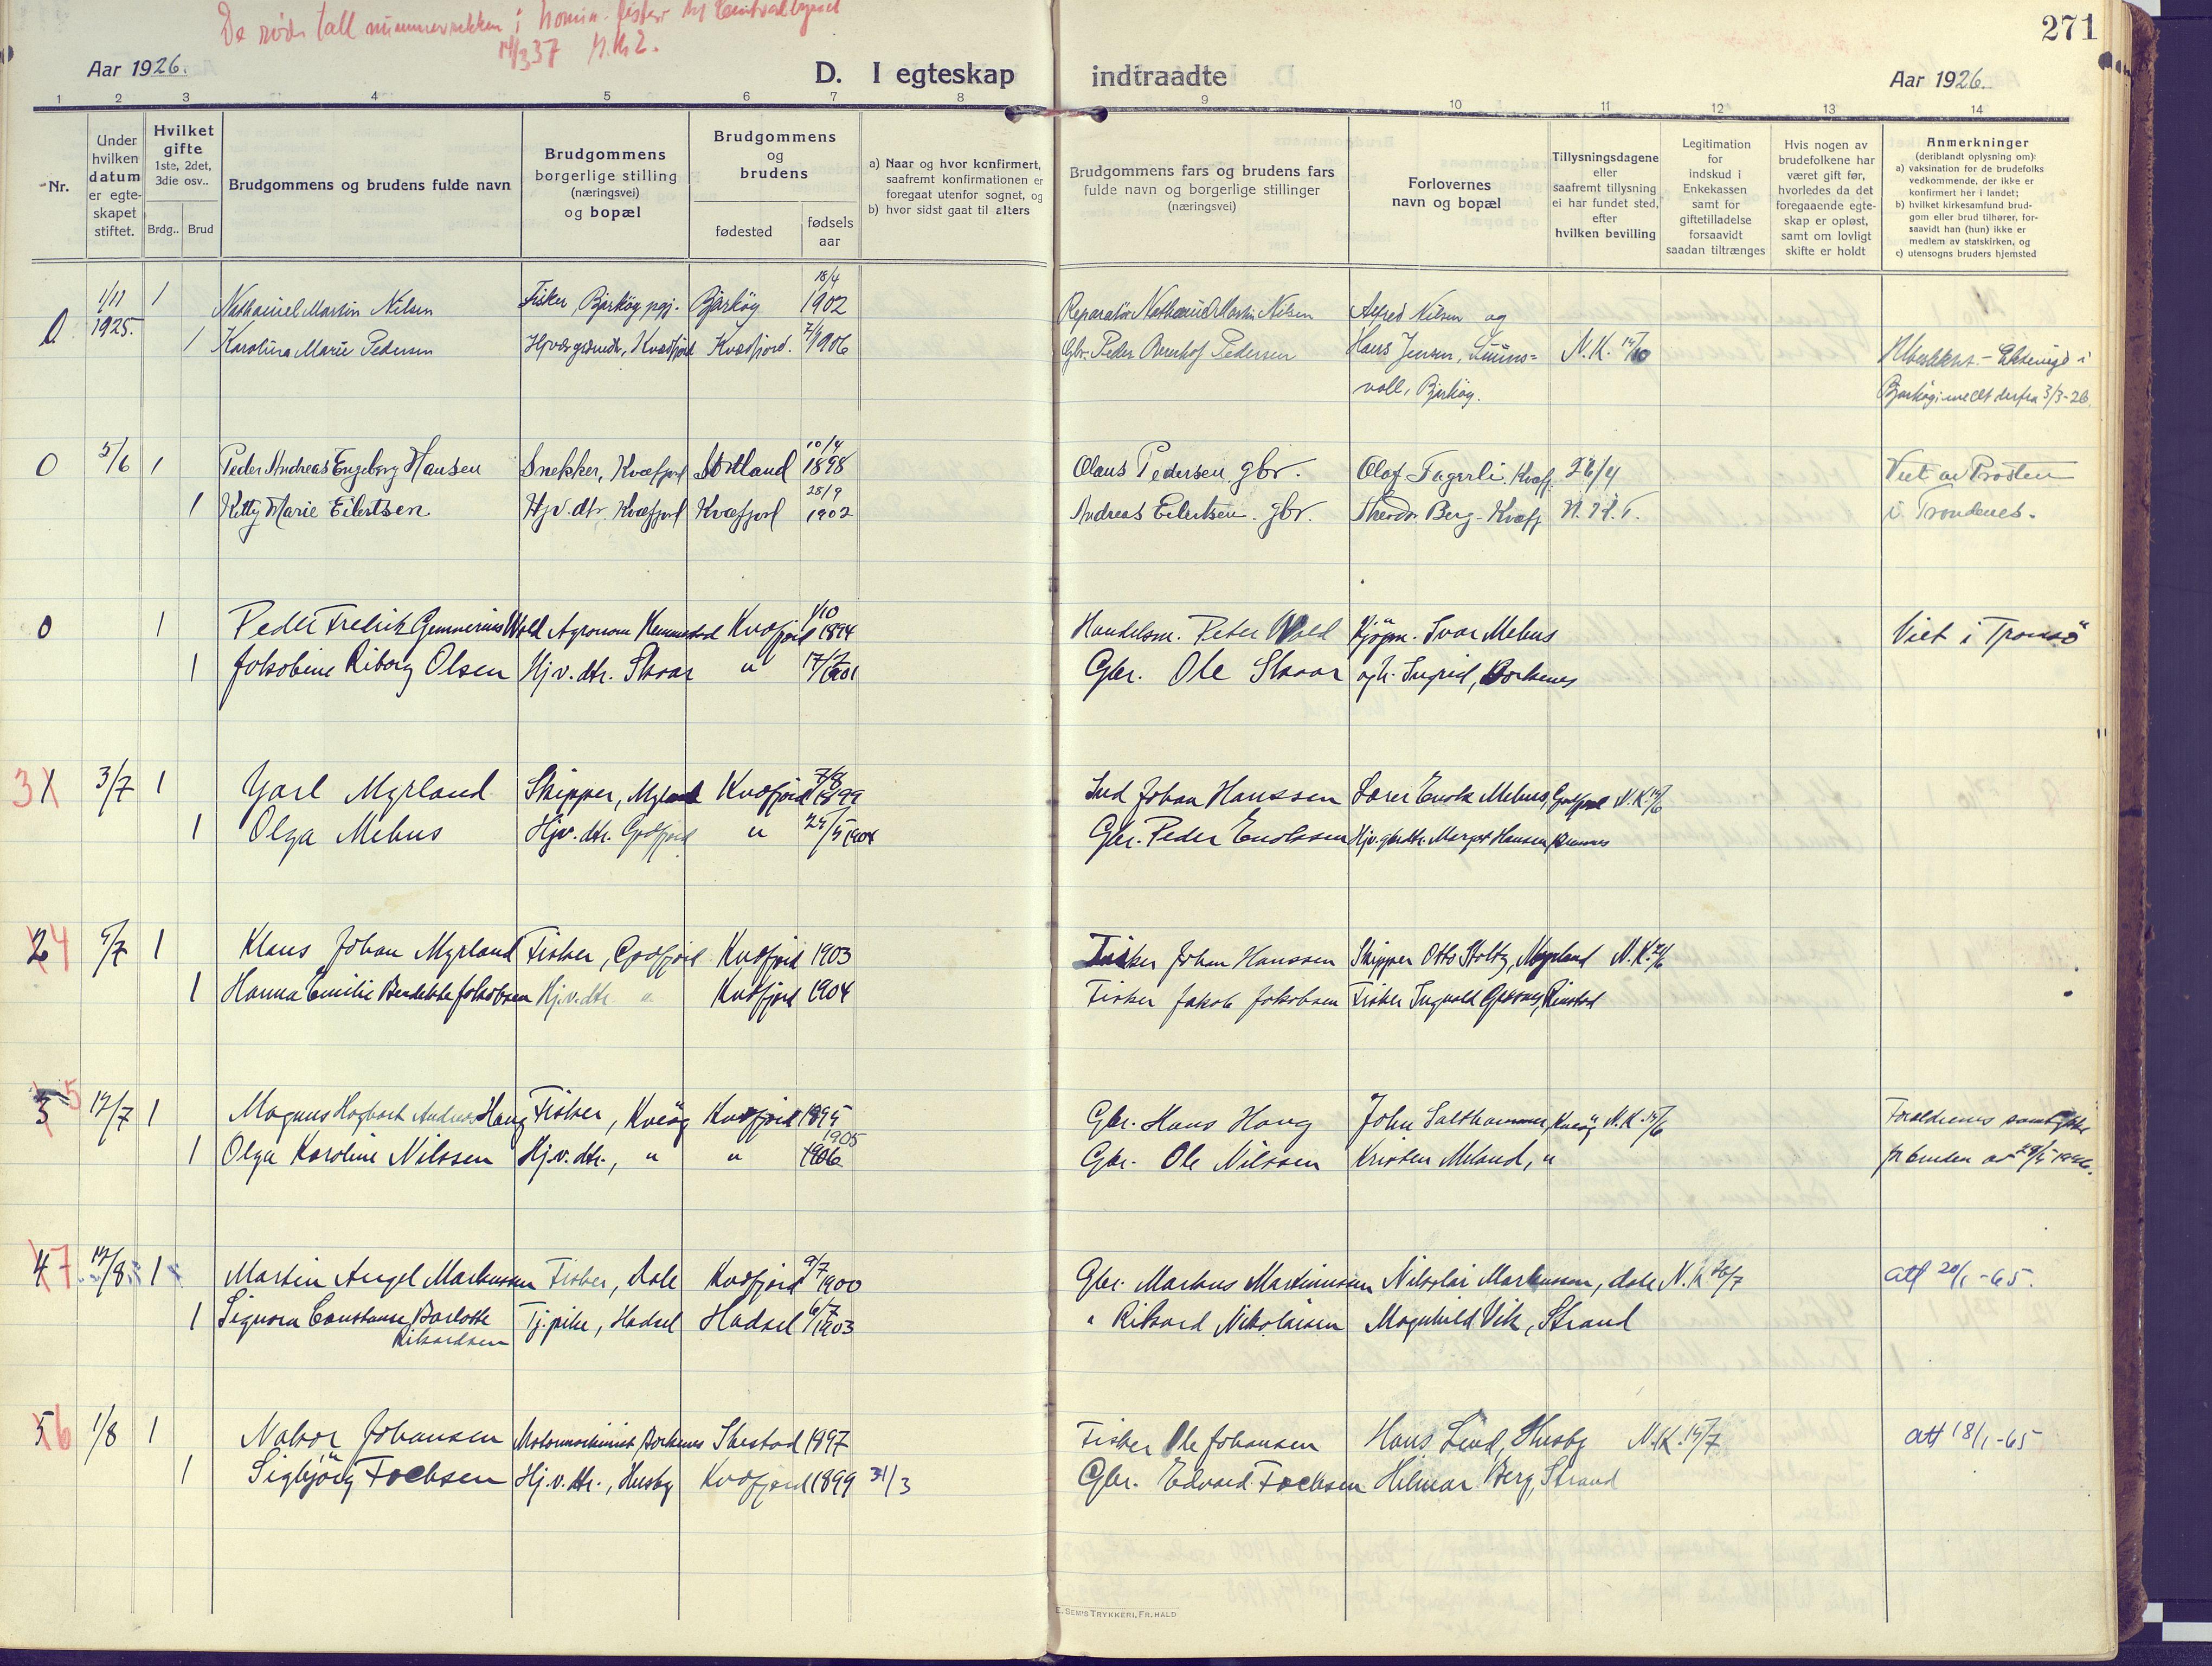 SATØ, Kvæfjord sokneprestkontor, G/Ga/Gaa/L0007kirke: Ministerialbok nr. 7, 1915-1931, s. 271